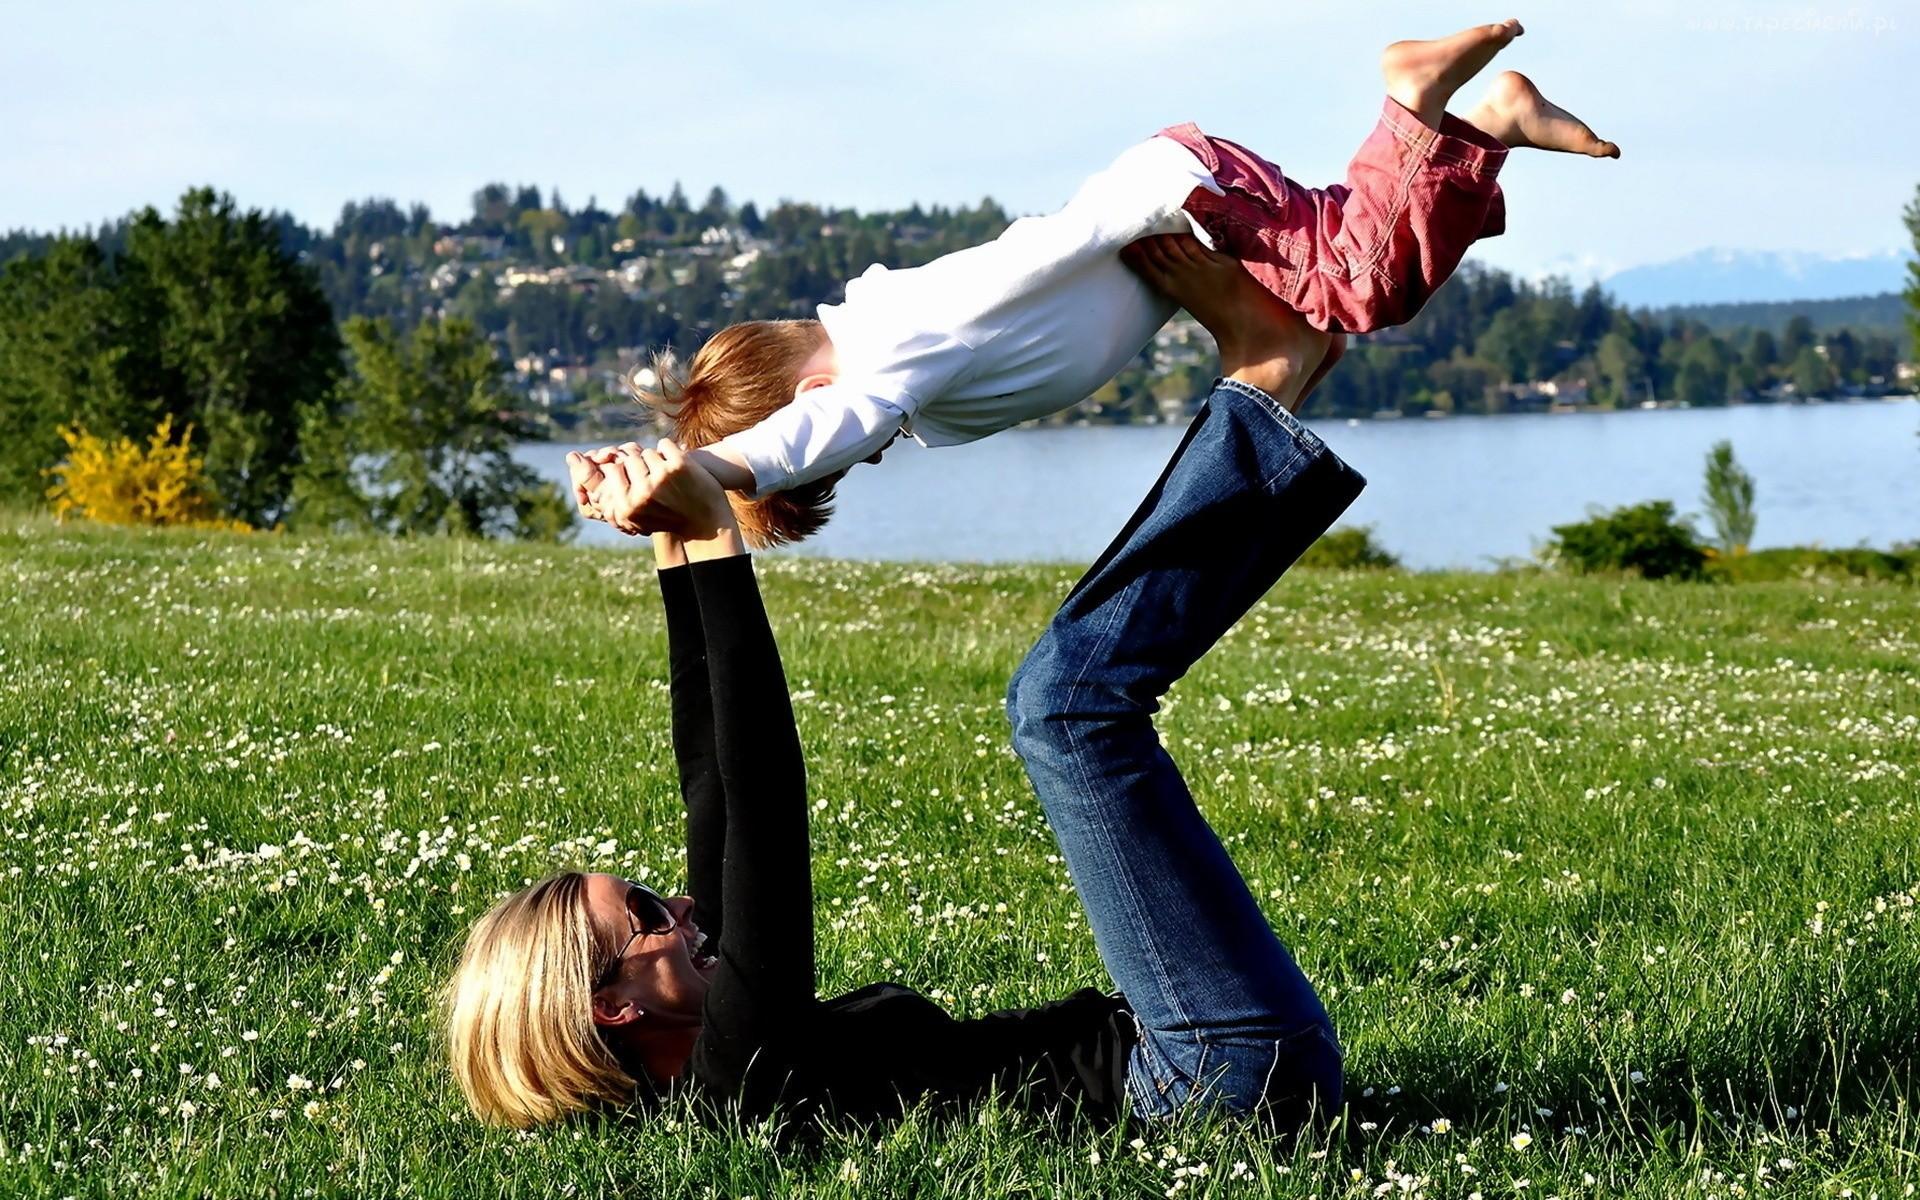 Фото на тему: Терапия материнской любовью. Метод Бориса Драпкина